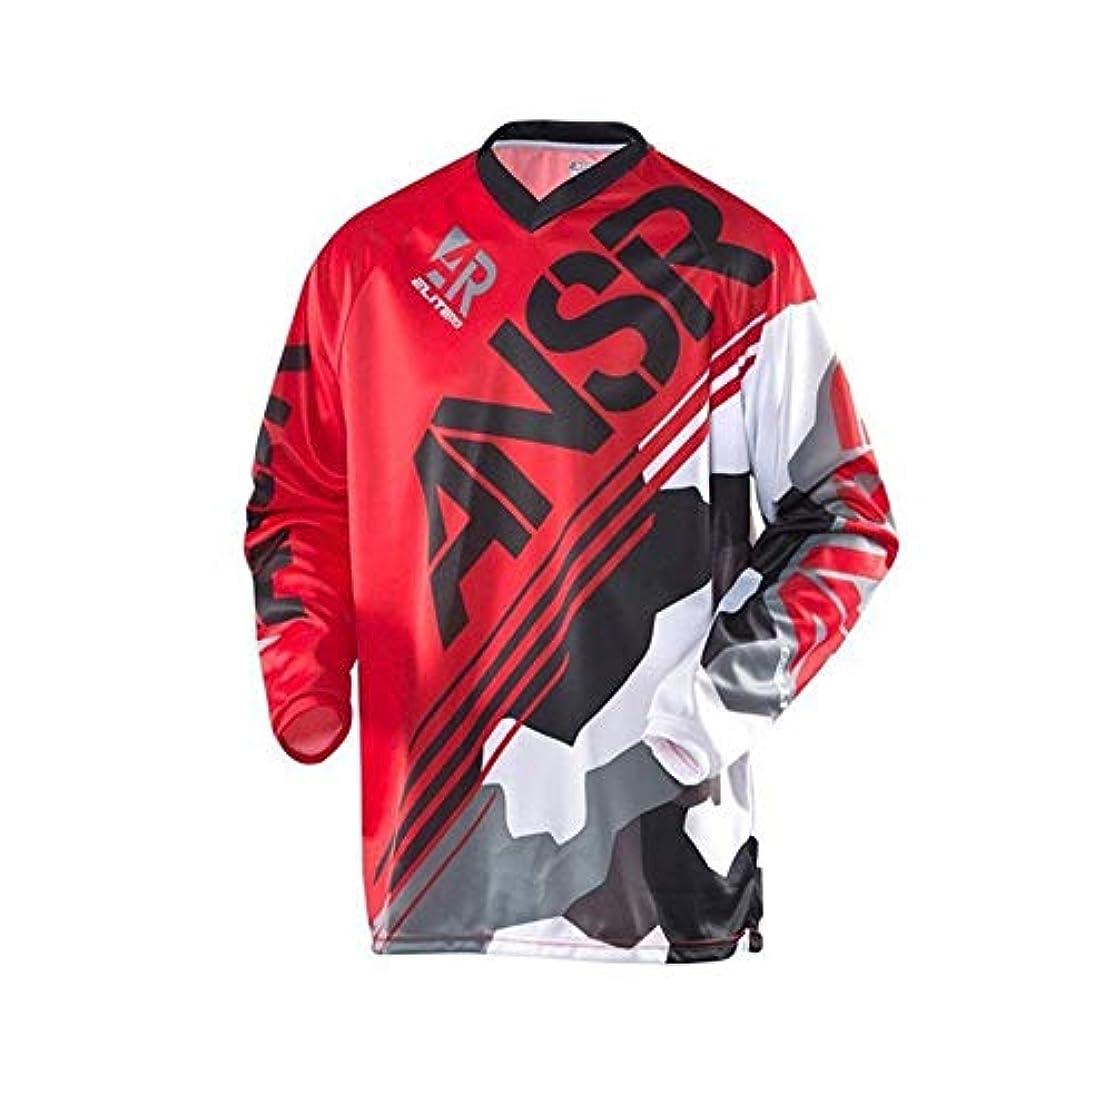 積極的に印象派感情CXUNKK アウトドアスポーツ長袖Tシャツダウンヒルスーツモトクロスレーシングジャージ (Color : 14, Size : XL)